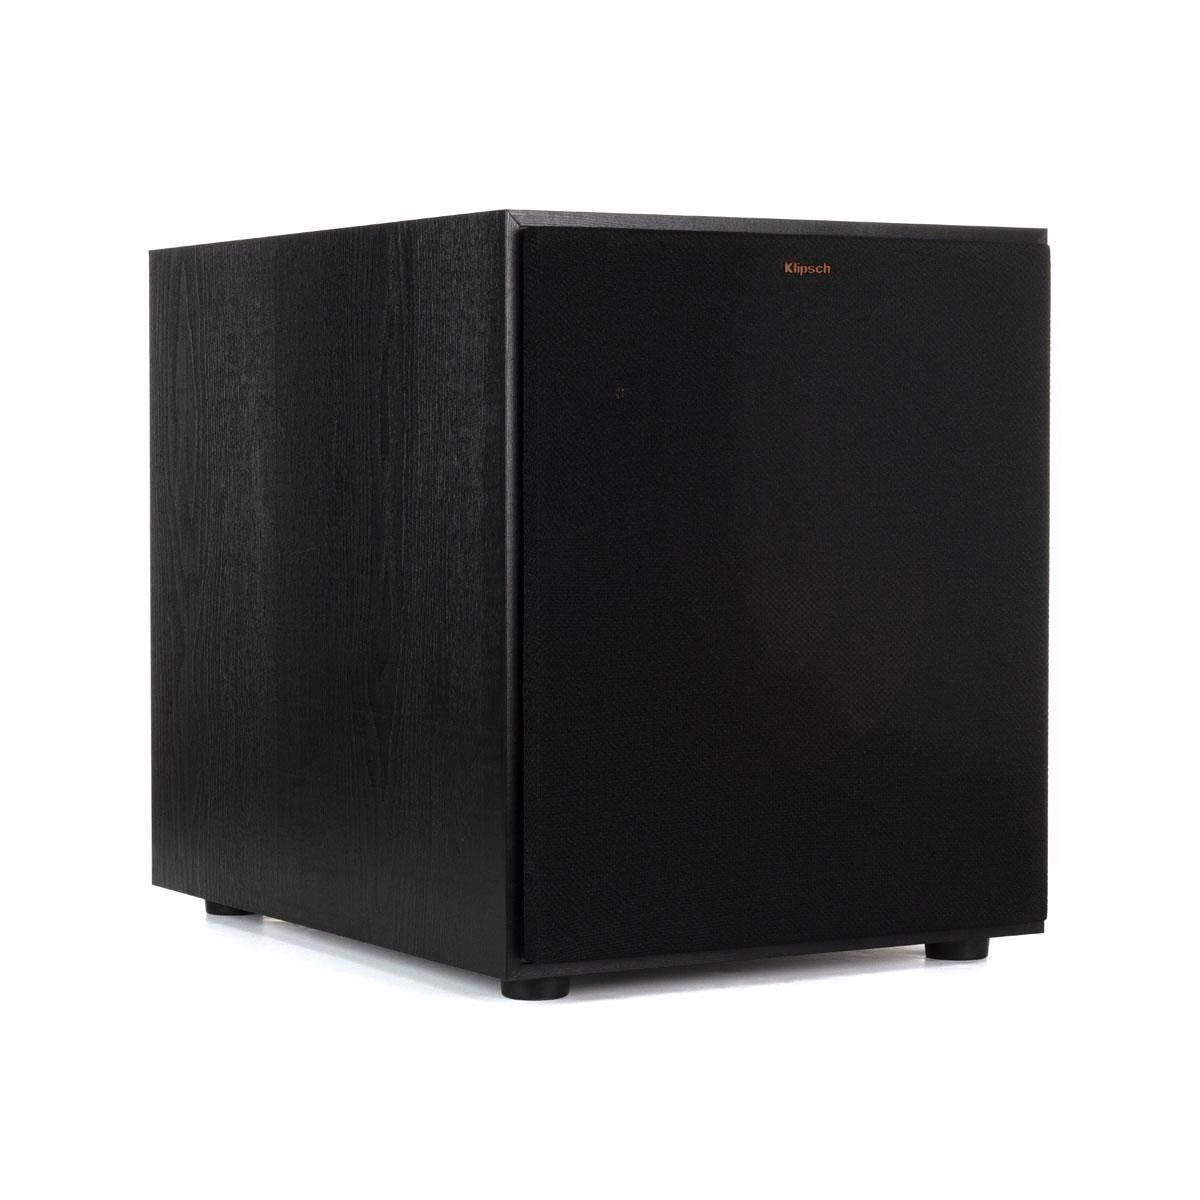 Dabixx 60w 220V Soldadura el/éctrica Herramienta de Calentamiento Soldadura de Hierro Caliente